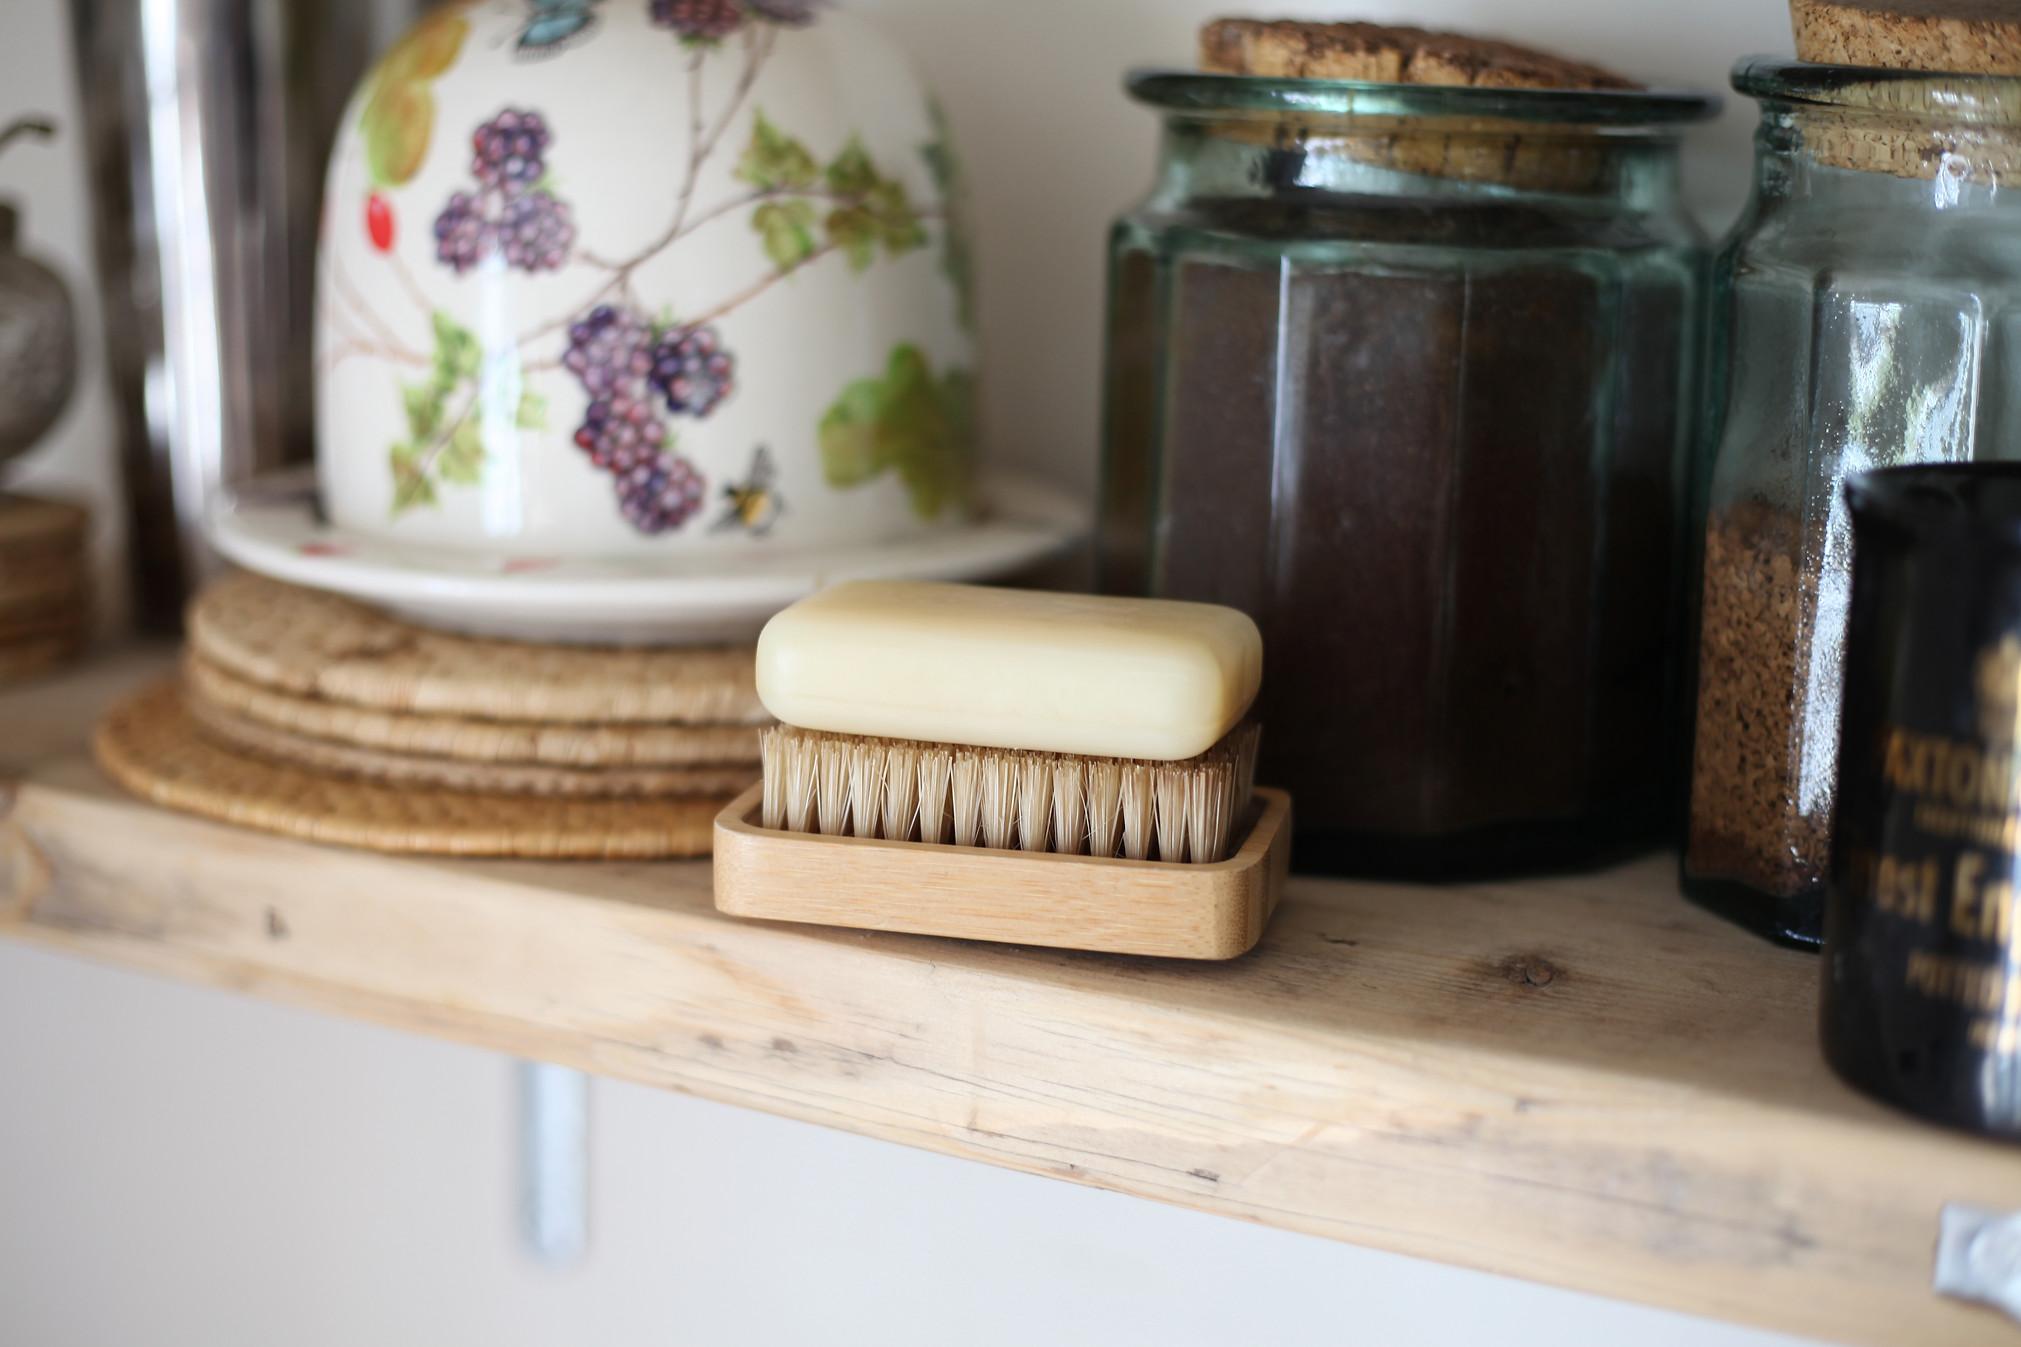 soapshelf.jpg